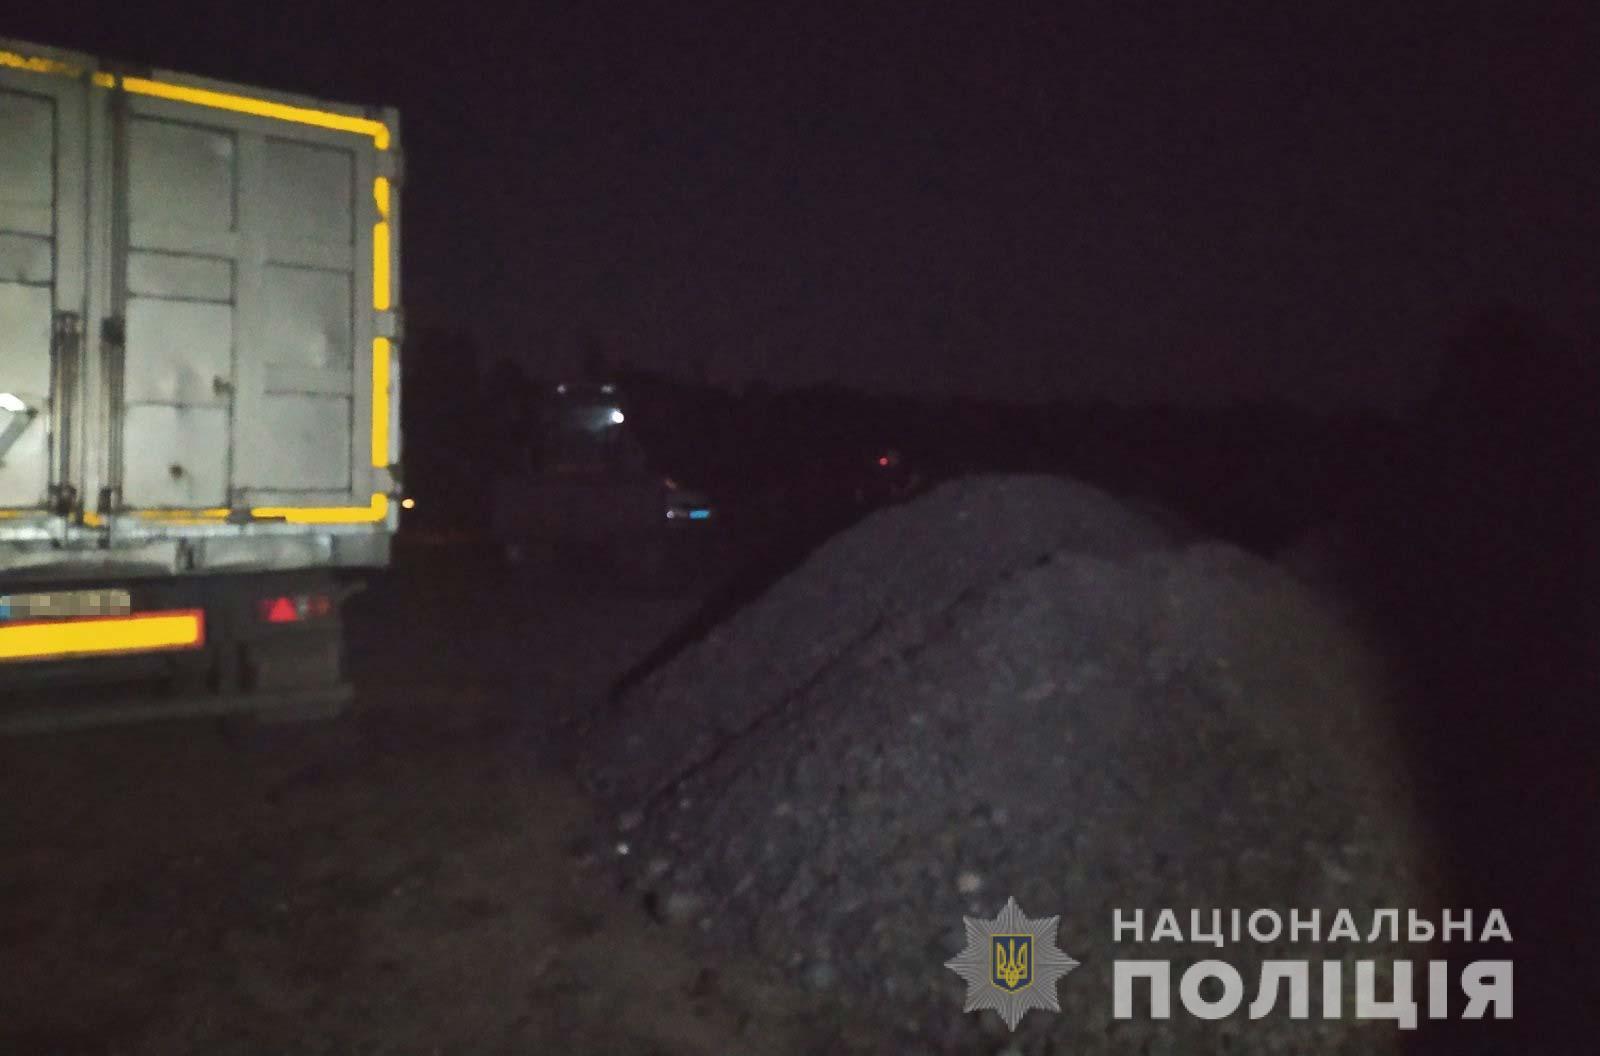 Задержали злоумышленников, укравших 20 тонн угля. Новости Днепра